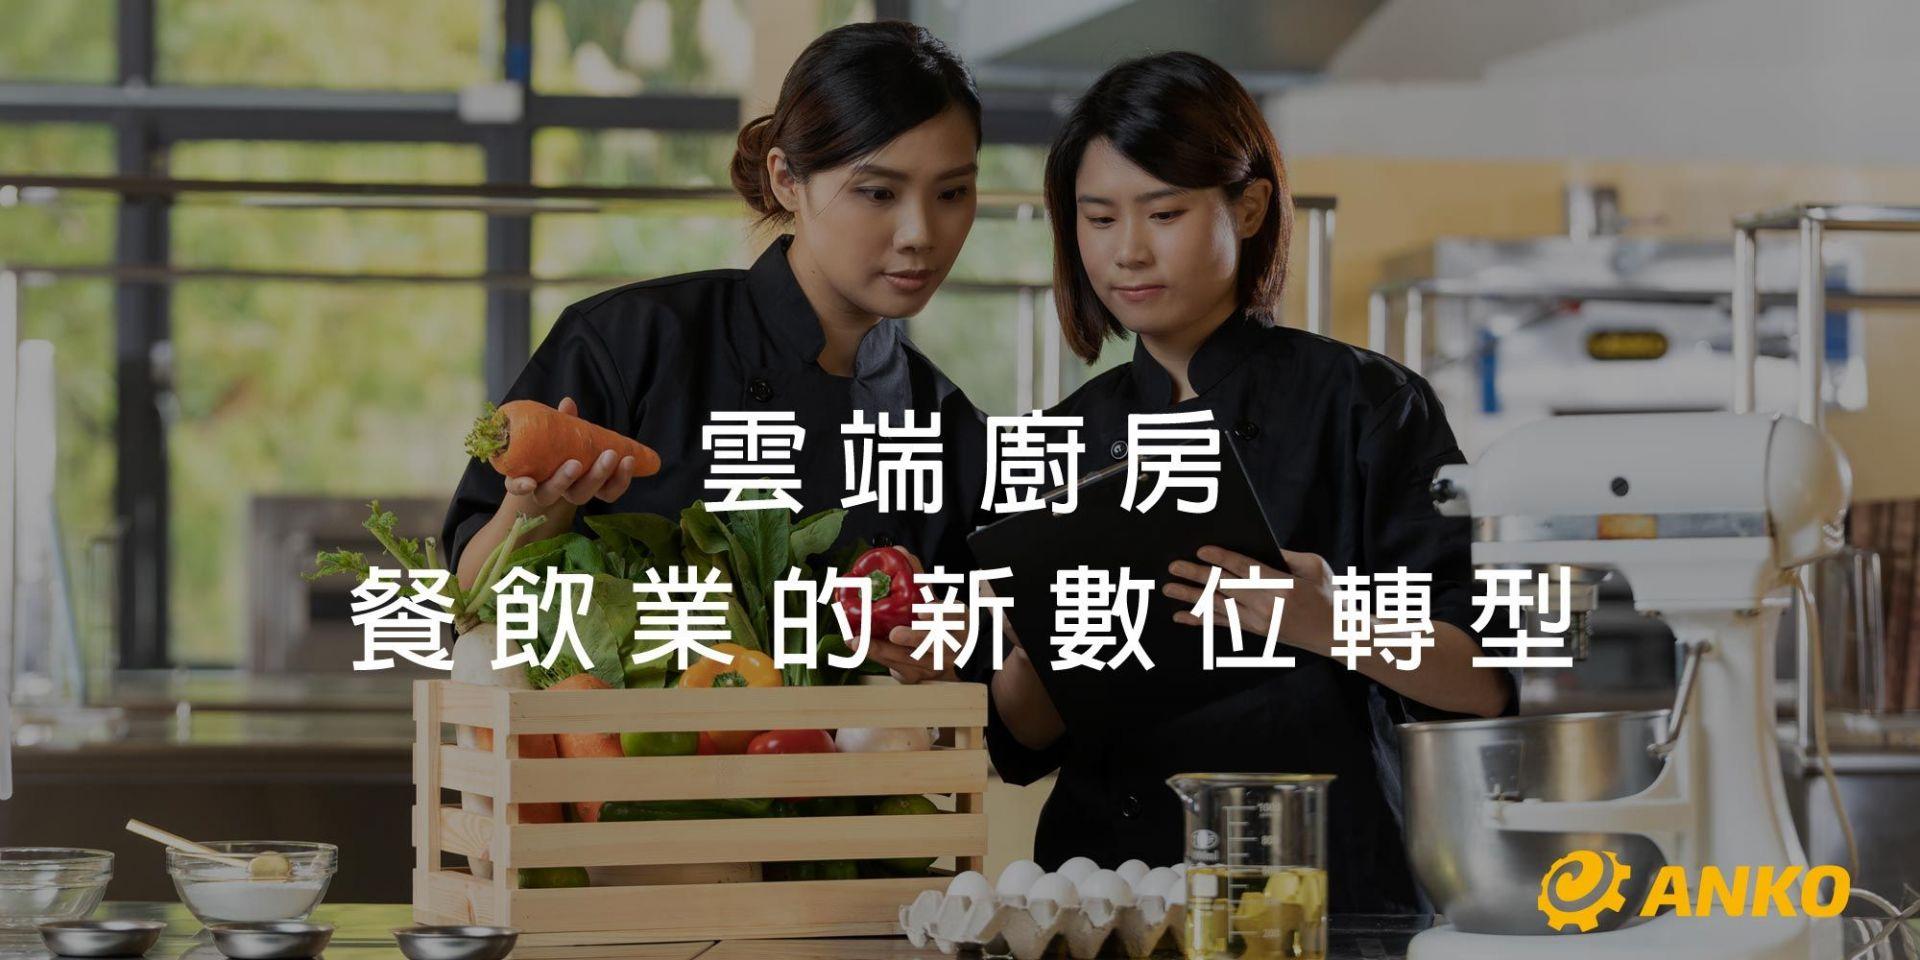 【食品产业趋势】餐饮革命,云端厨房的全球兴起